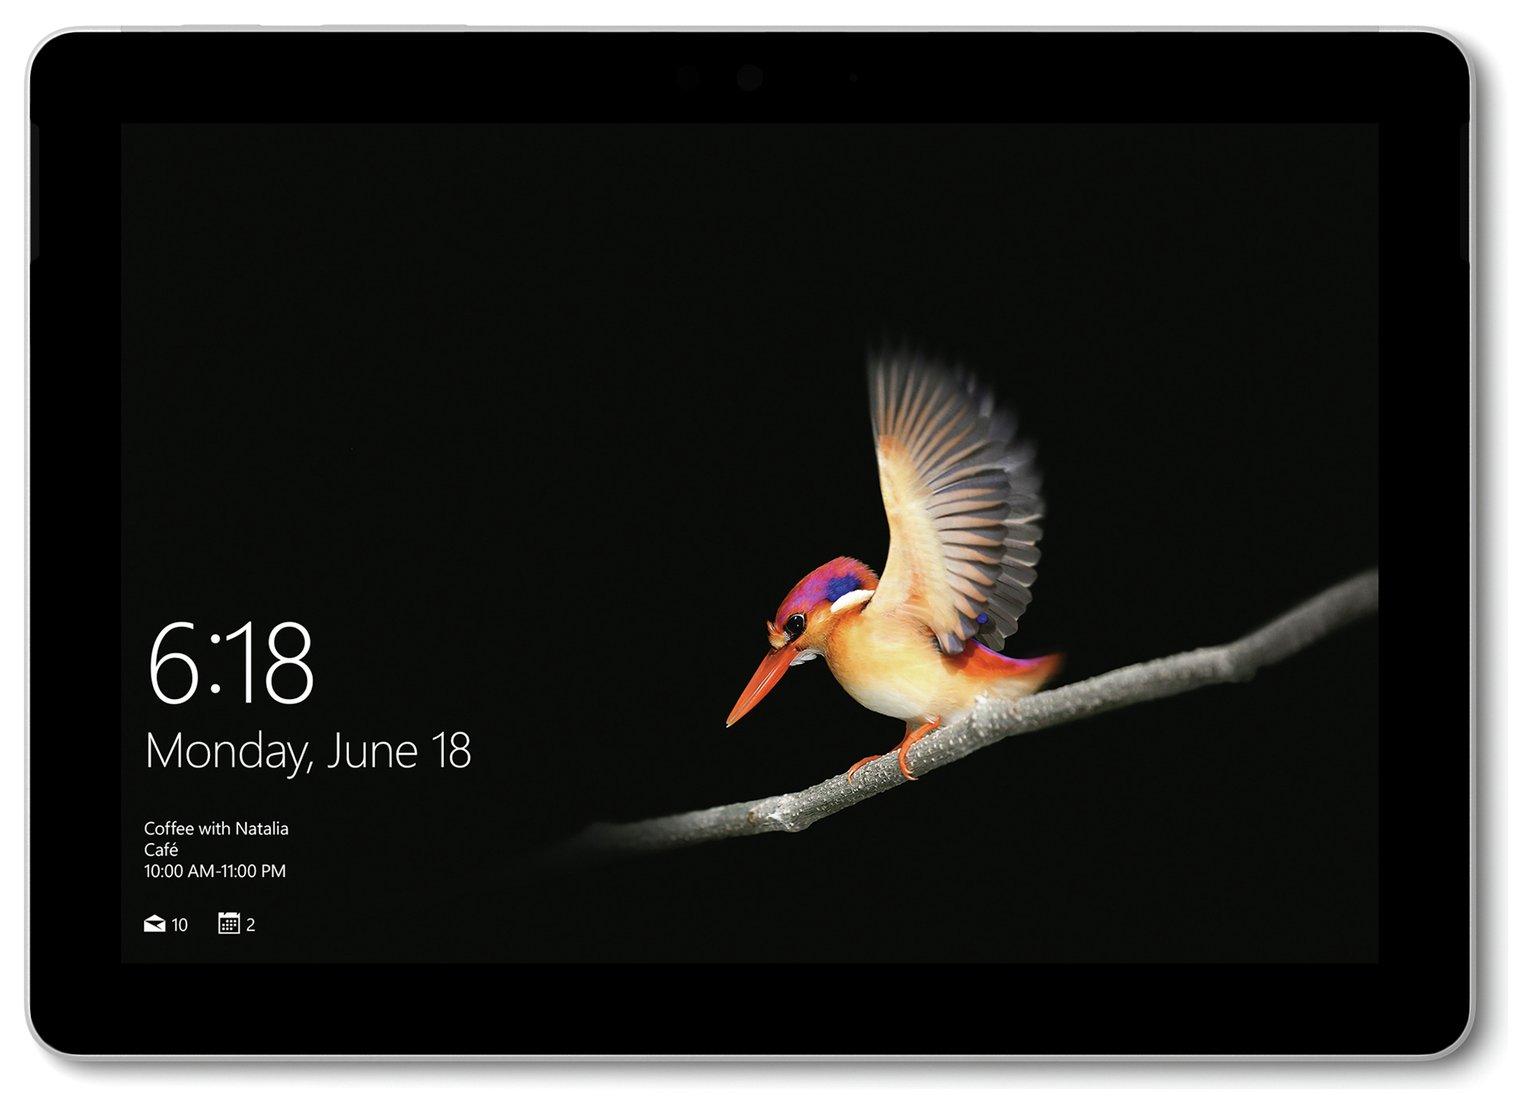 Microsoft Surface Go 10 Inch Pentium 8GB 128GB 2-in-1 Laptop